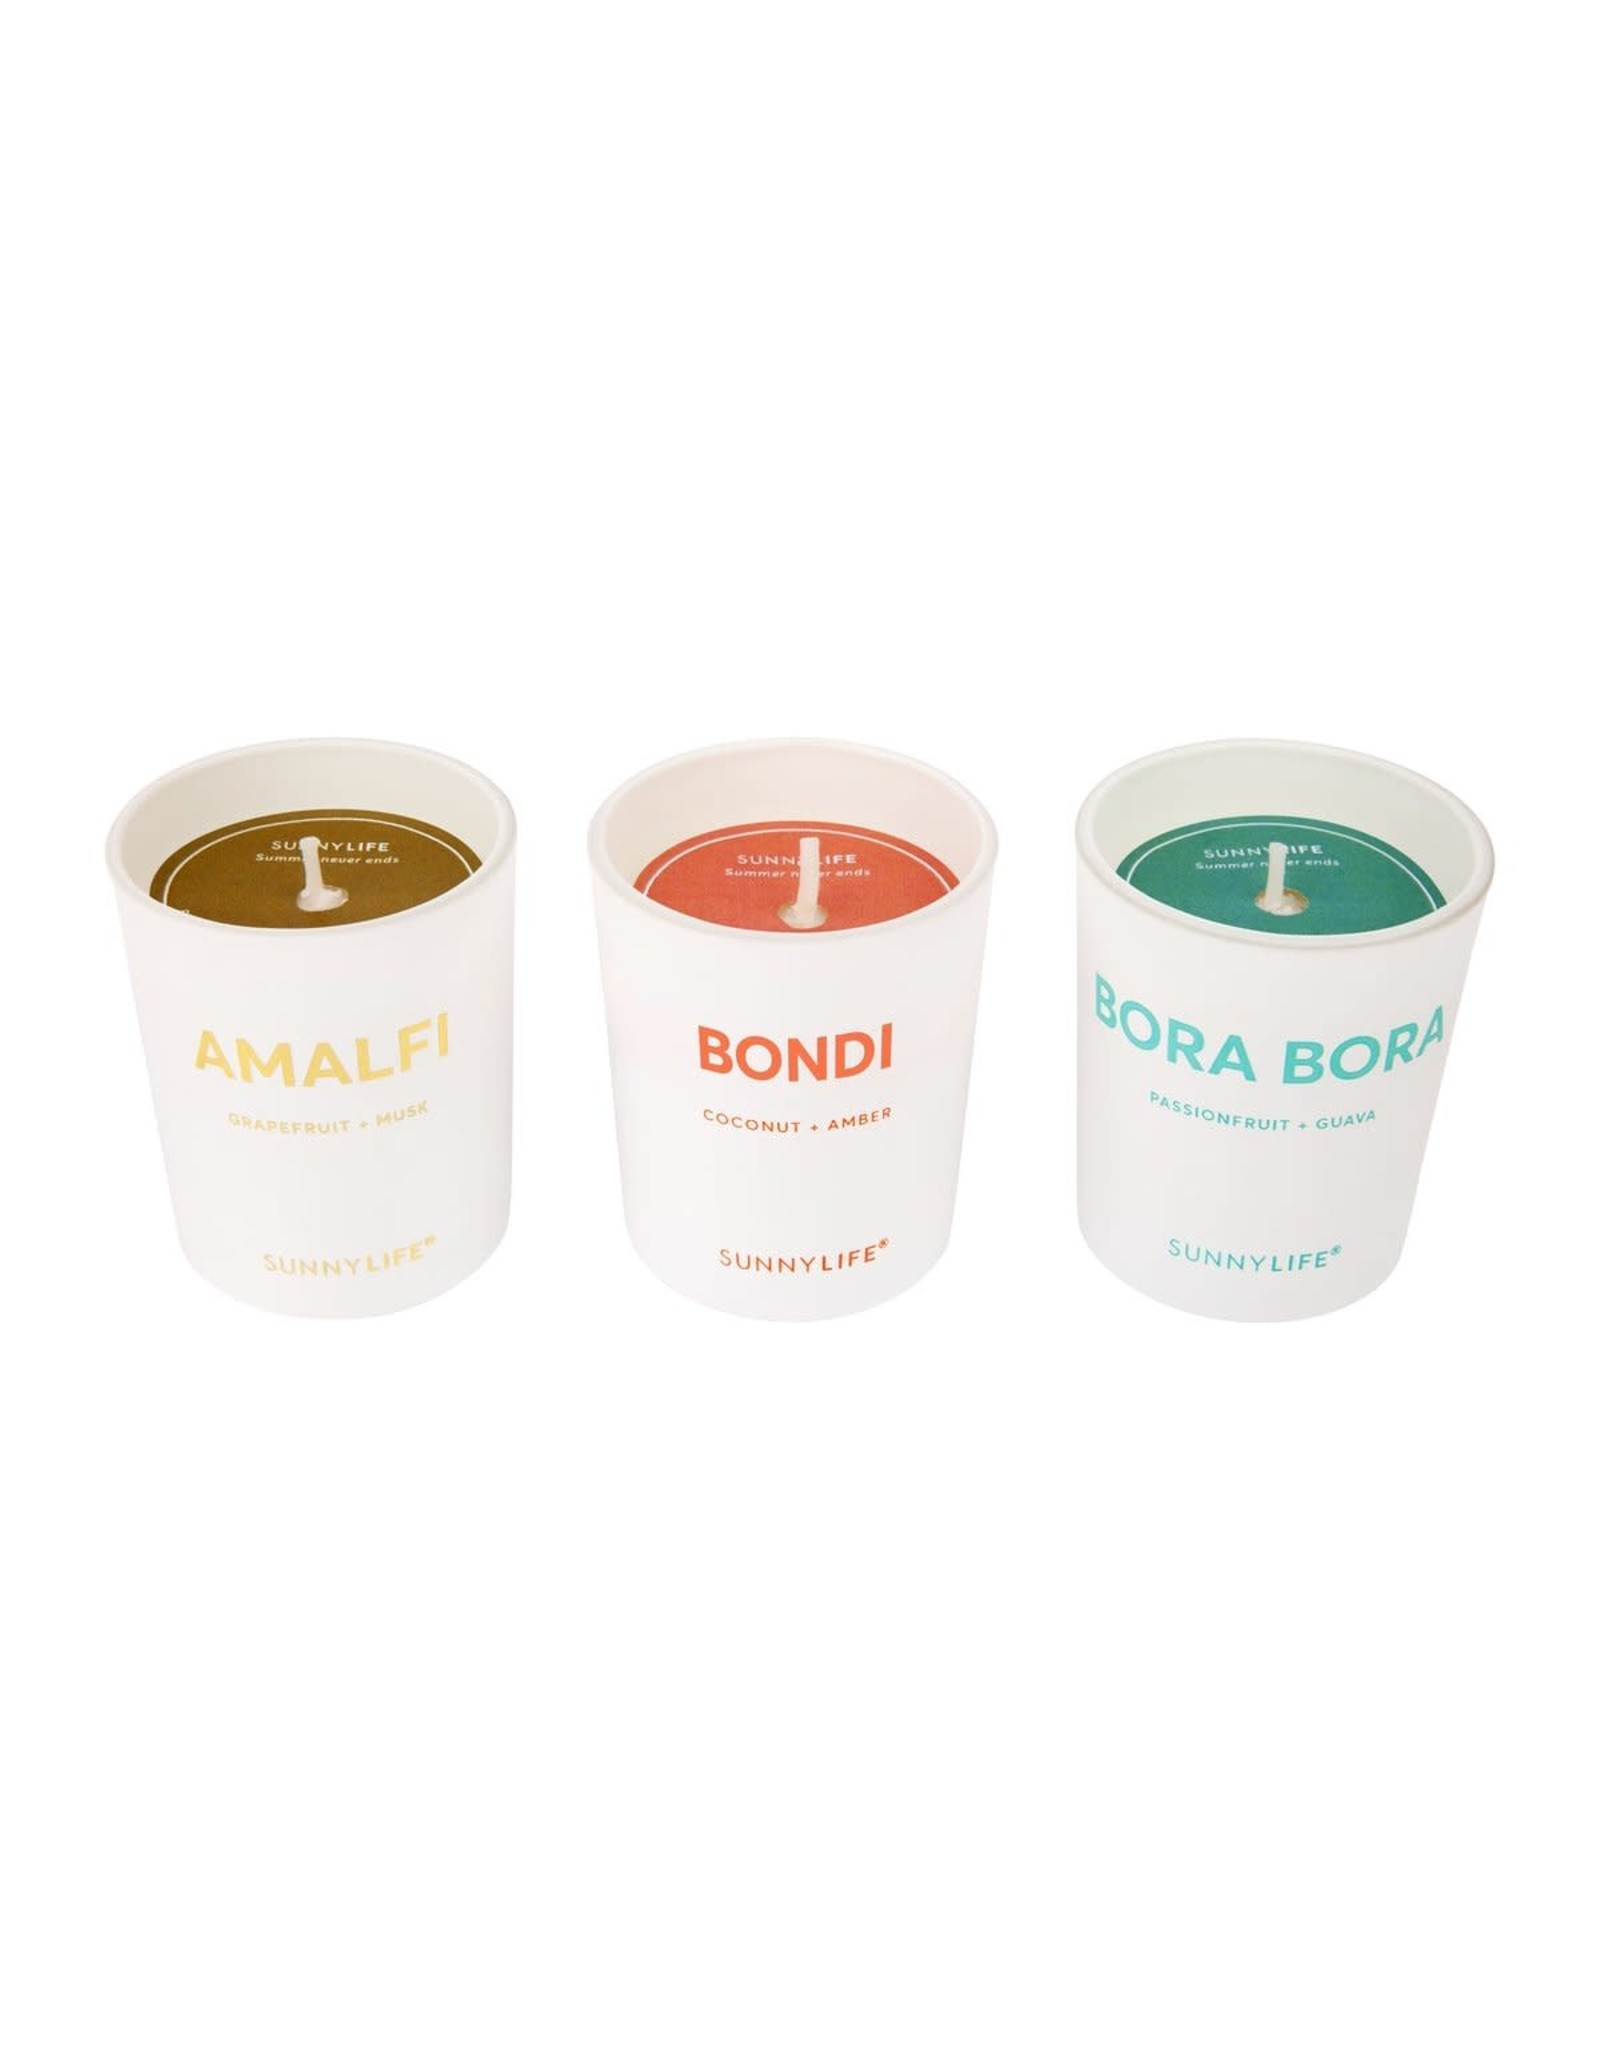 SunnyLife LLC Scented Candle Pack | Amalfi, Bondi, Bora Bora